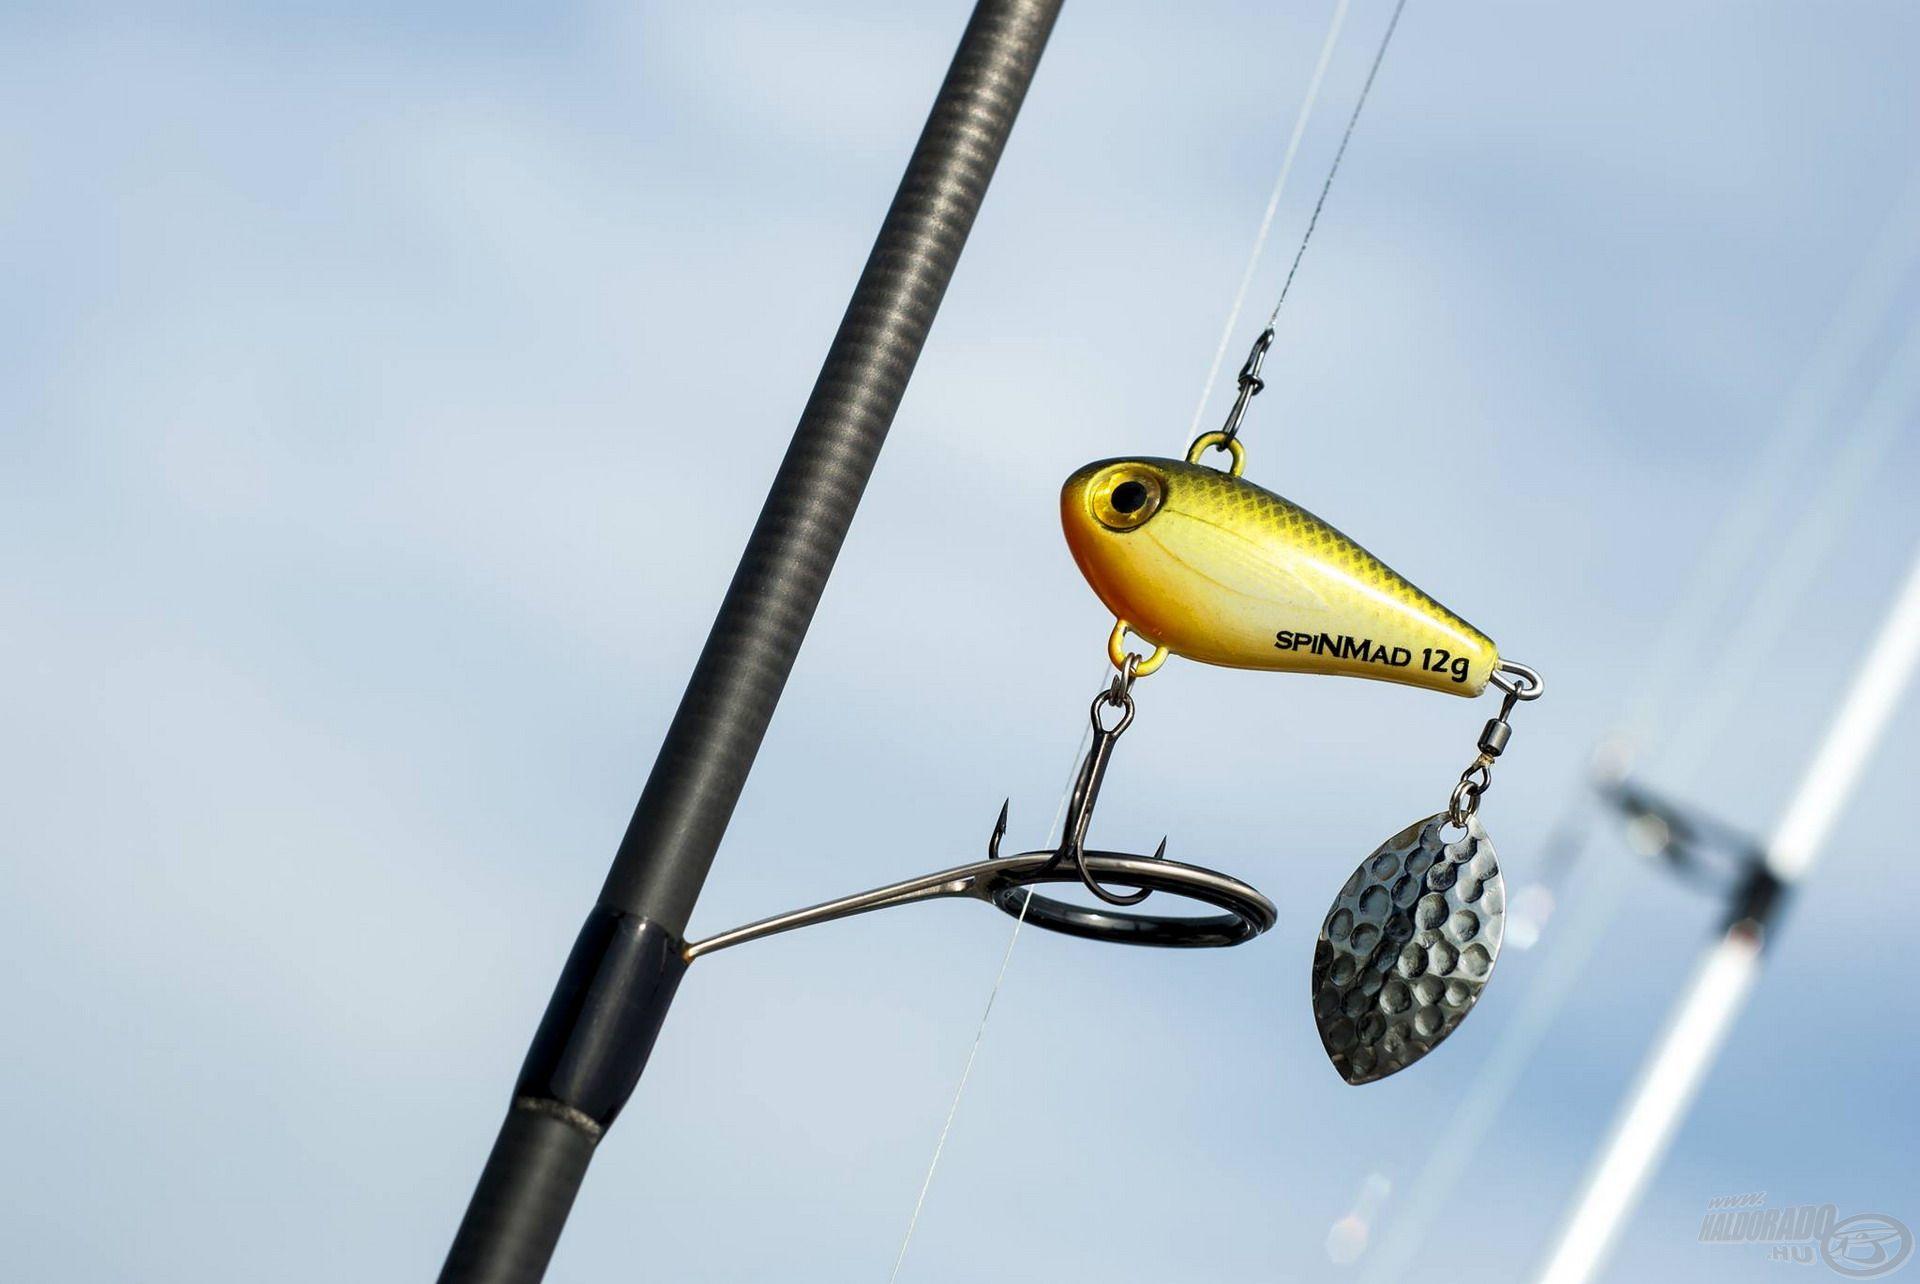 Jó kísérletezést és eredményes horgászatot kívánunk a Spinmad műcsalikkal!